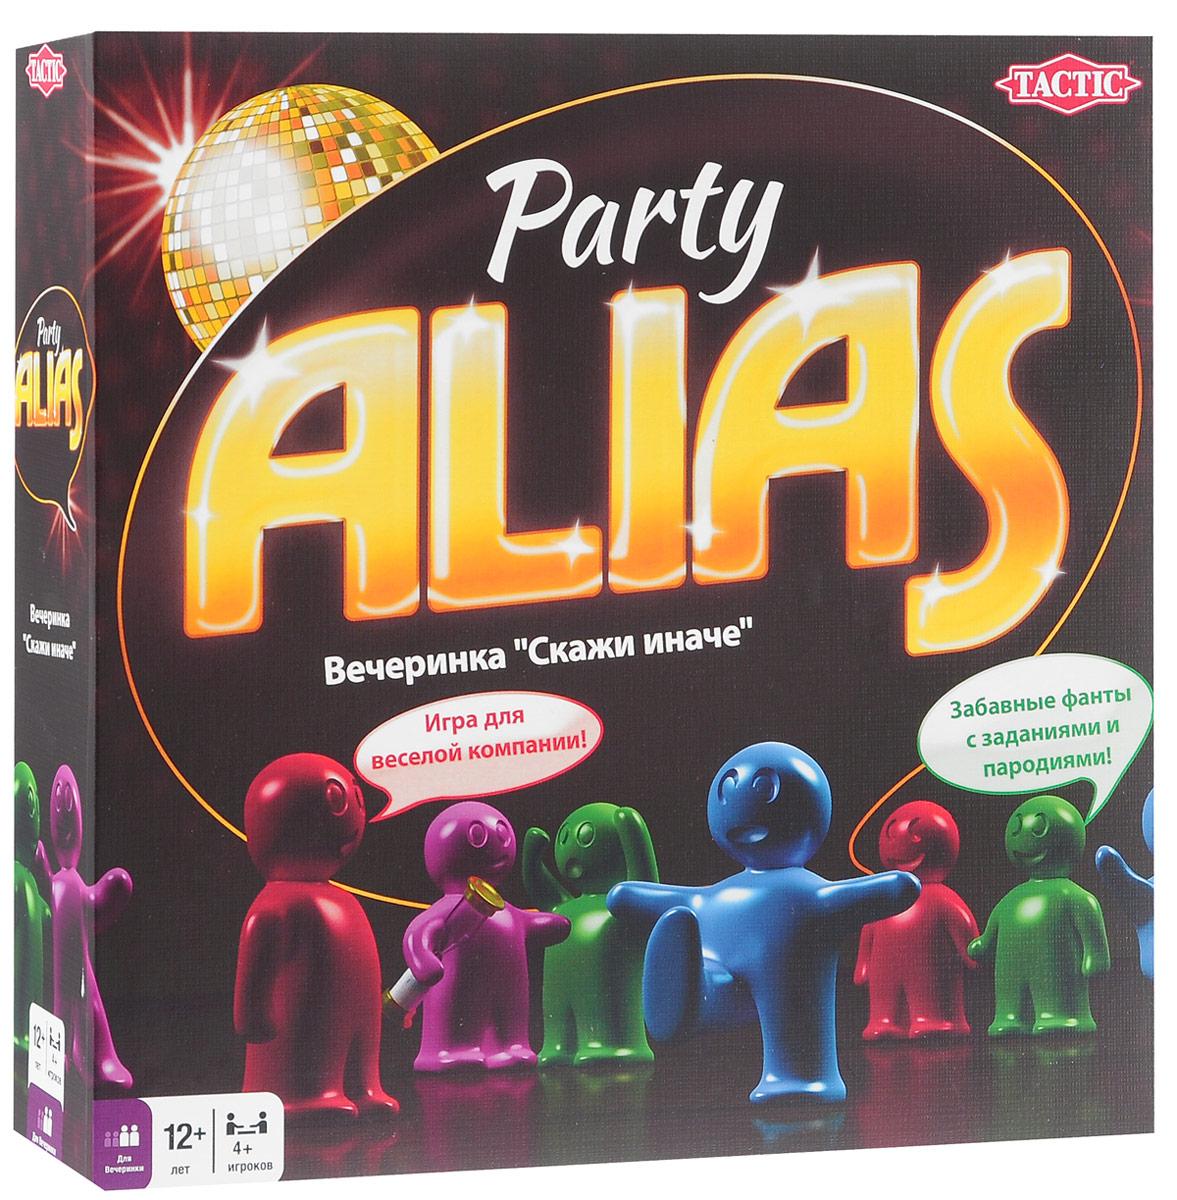 Tactic Games Настольная игра Party Alias Скажи иначе Вечеринка 253365Если вы думаете, чем заняться во время дружеской встречи, не сомневайтесь - настольная игра Tactic Games Party Alias Скажи иначе: Вечеринка 2 увлечет всех участников и сделает время реактивным. Не забывайте поглядывать иногда на часы во время игры, вдруг уже рассвет? Это новая версия игры, которая отличается от старой количеством карточек-заданий, а также наличием новых слов. Если вы уже являетесь поклонником Alias и много раз играли в нее, то третья версия игры станет настоящей находкой! Это совершенно универсальная игра, способная собрать вокруг себя людей разных поколений и сделать так, чтобы интересно было всем без исключения. Помимо прочего, вас ждут такие задания, как, например, продемонстрировать разные эмоции, а еще вы можете внести в карточки от руки имена друзей и других знаменитостей, сделав игру еще интереснее и веселее! Делитесь на команды, придумывайте призы и наслаждайтесь победой! Игра научит детей логическому мышлению, улучшит воображение, общую...